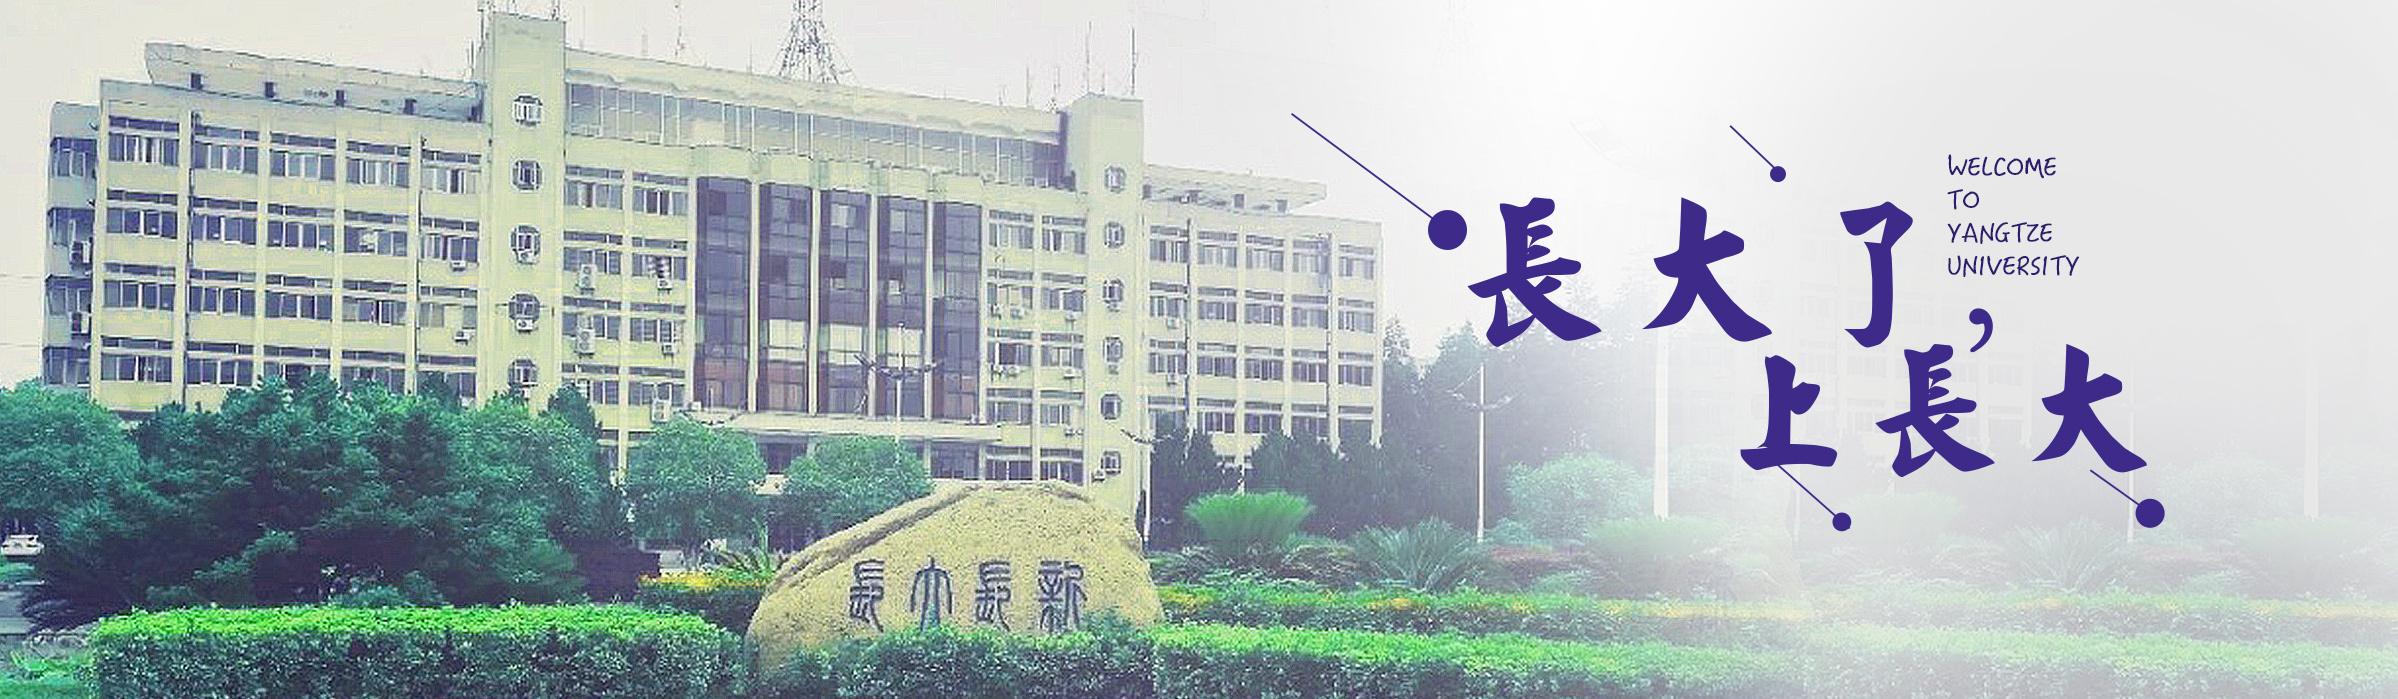 长江大学.jpg